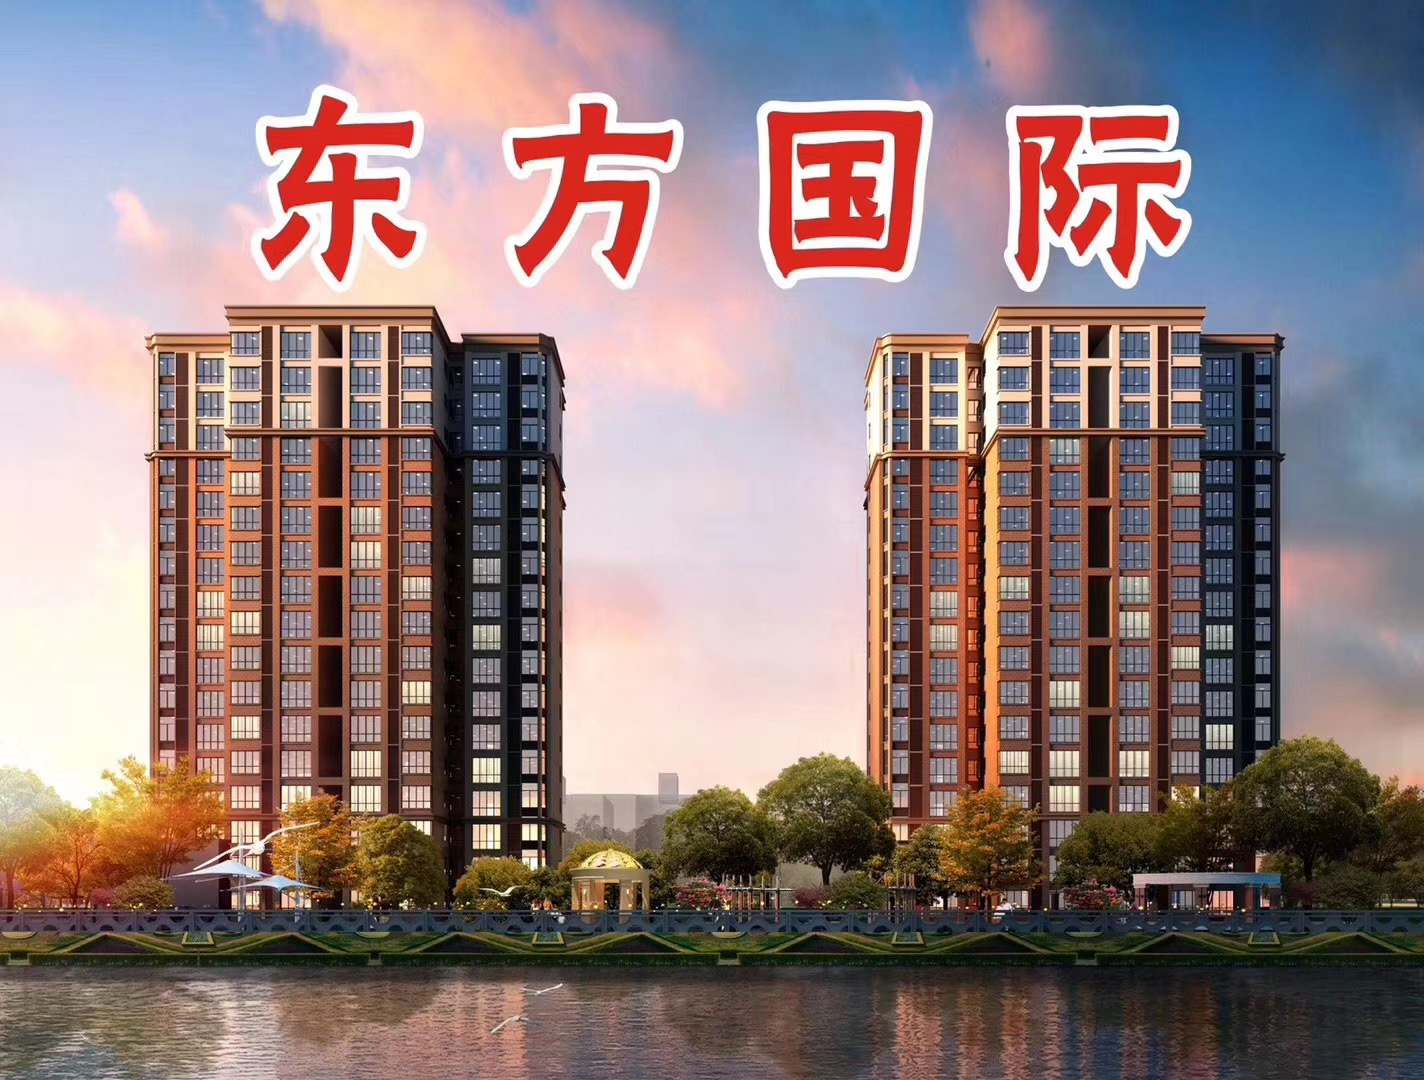 东莞企石东方国际4栋花园小区房首付2成分期12年